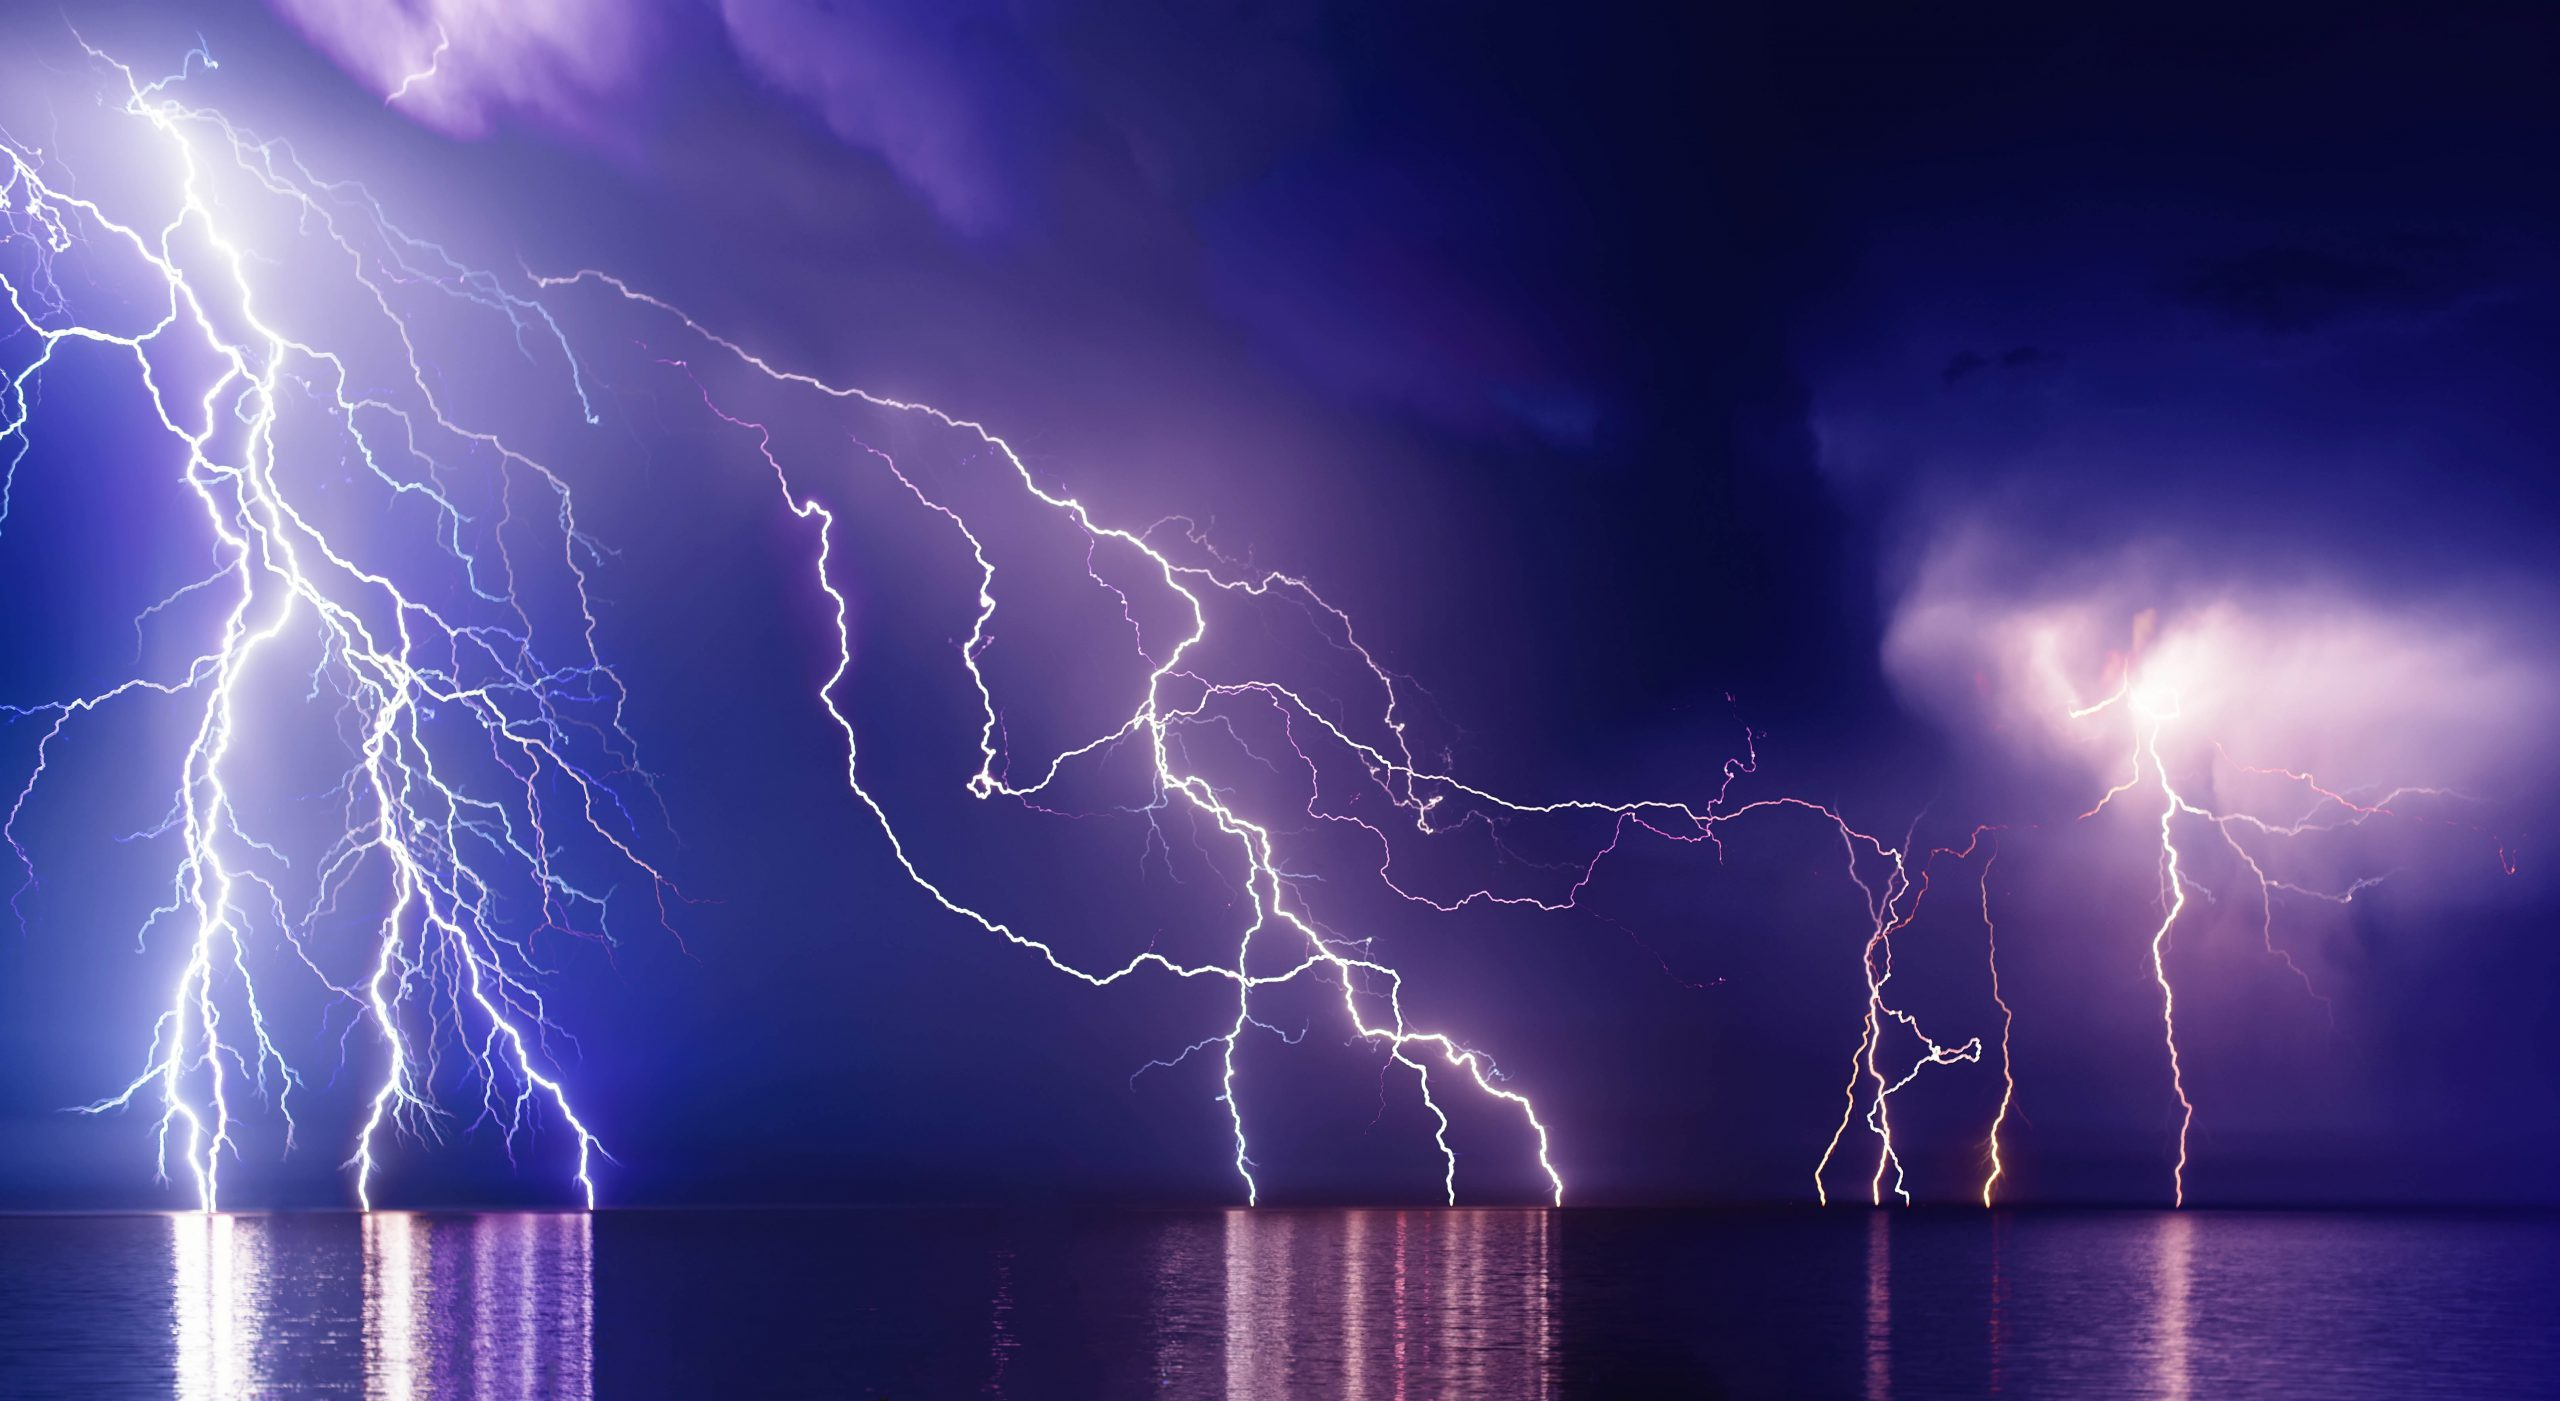 Fractal Lightning Strike Electricity